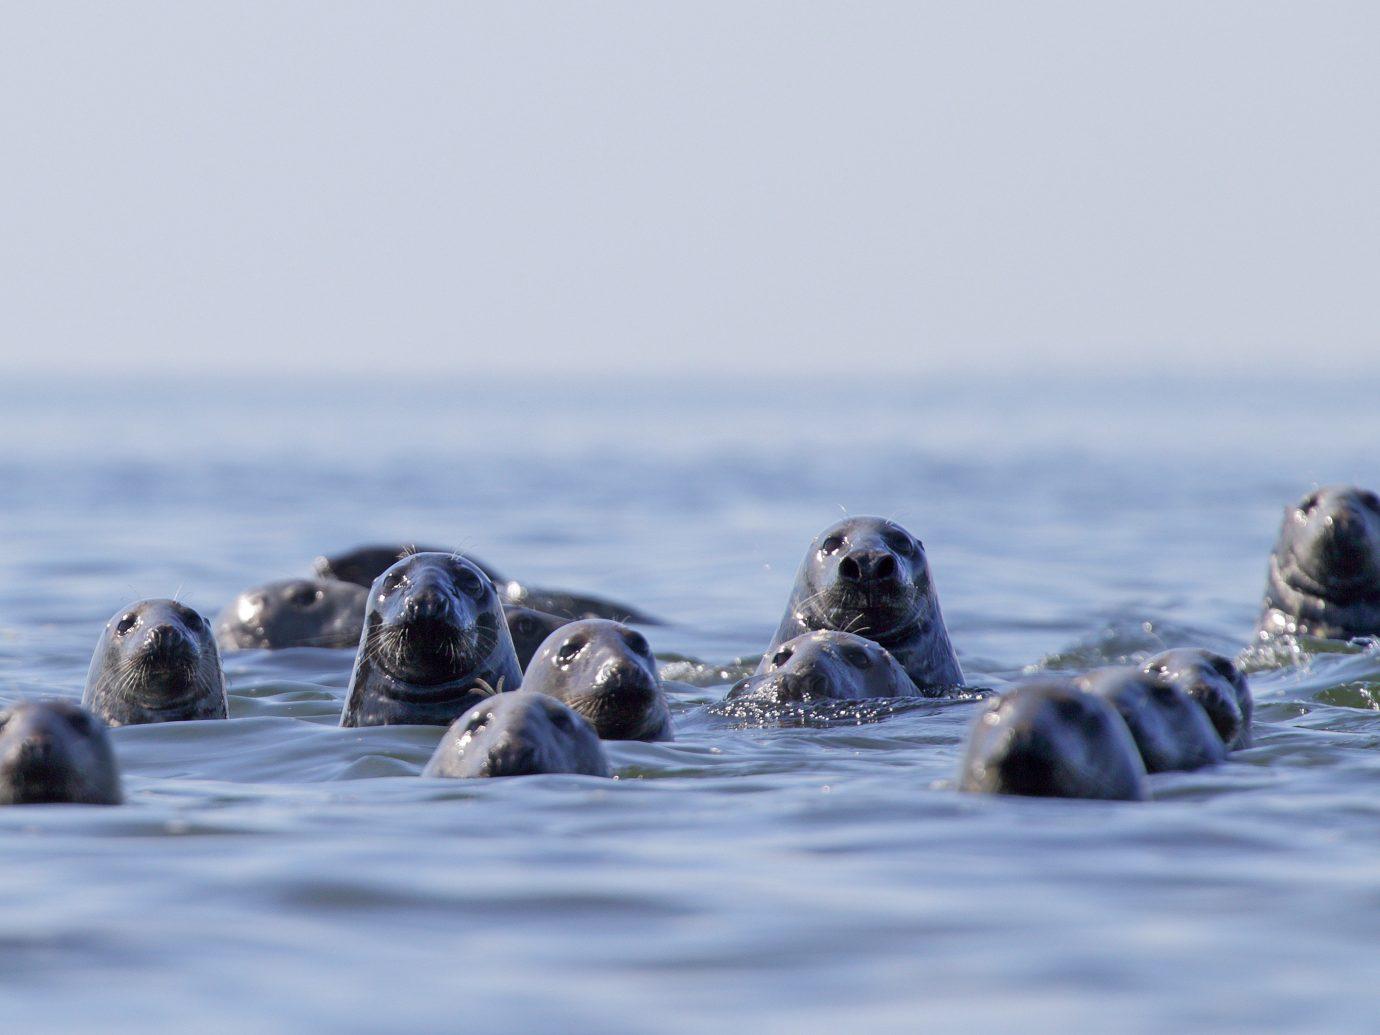 Offbeat Travel Tips animal water outdoor vertebrate mammal Sea seals Bird flightless bird Ocean Wildlife marine mammal arctic Coast harbor seal penguin wave ice sea otter